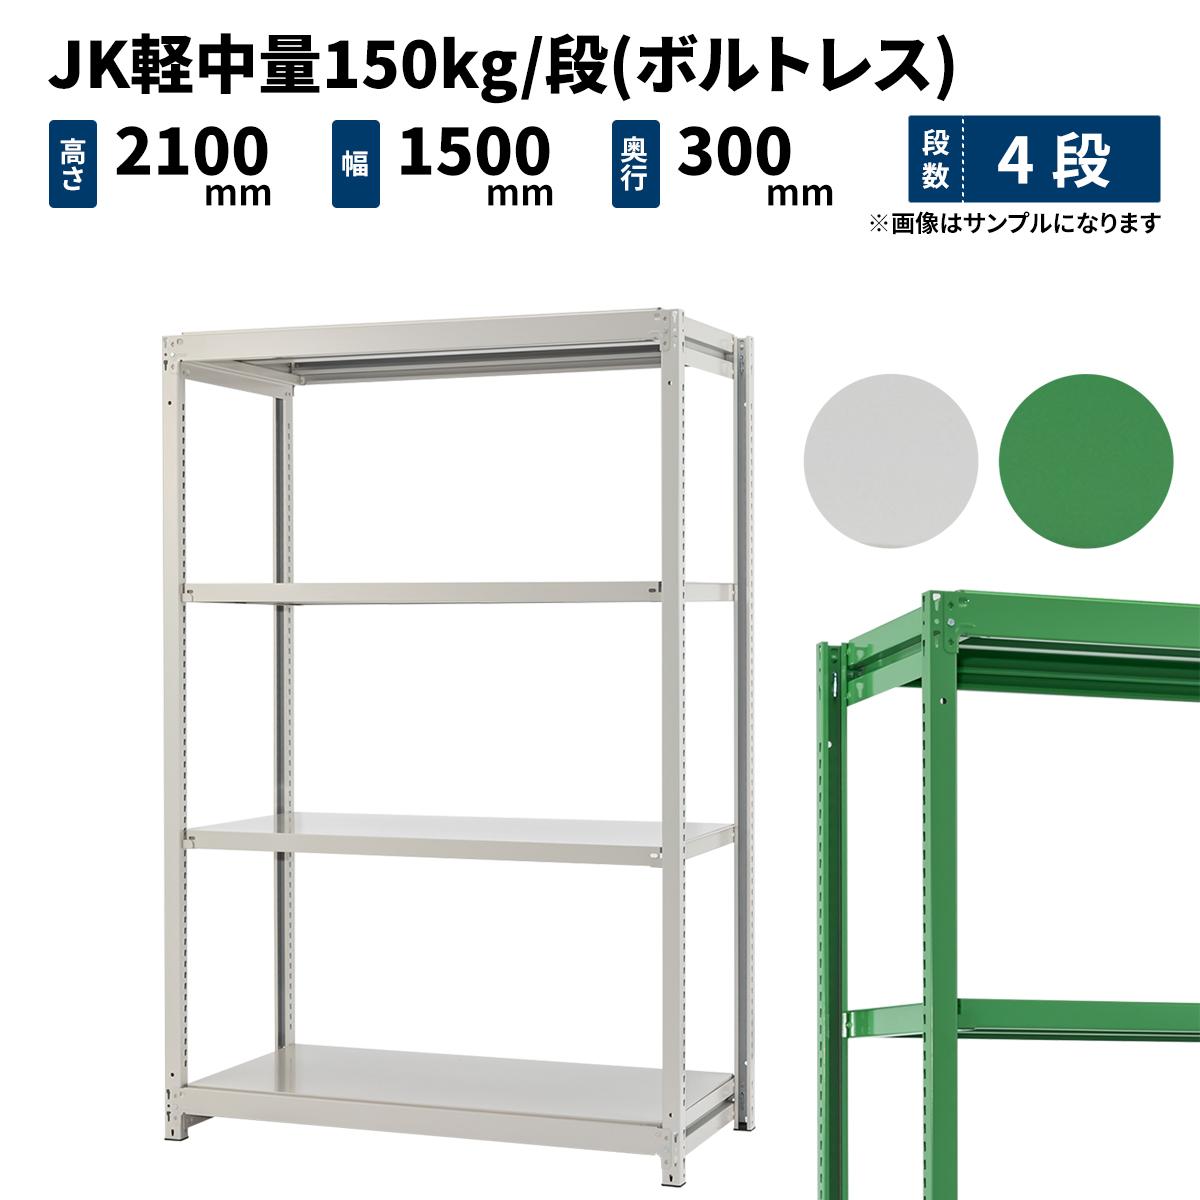 スチールラック 業務用 JK軽中量150kg/段(ボルトレス) 単体形式 高さ2100×幅1500×奥行300mm 4段 ホワイトグレー/グリーン (40kg) JK150_T-211503-4